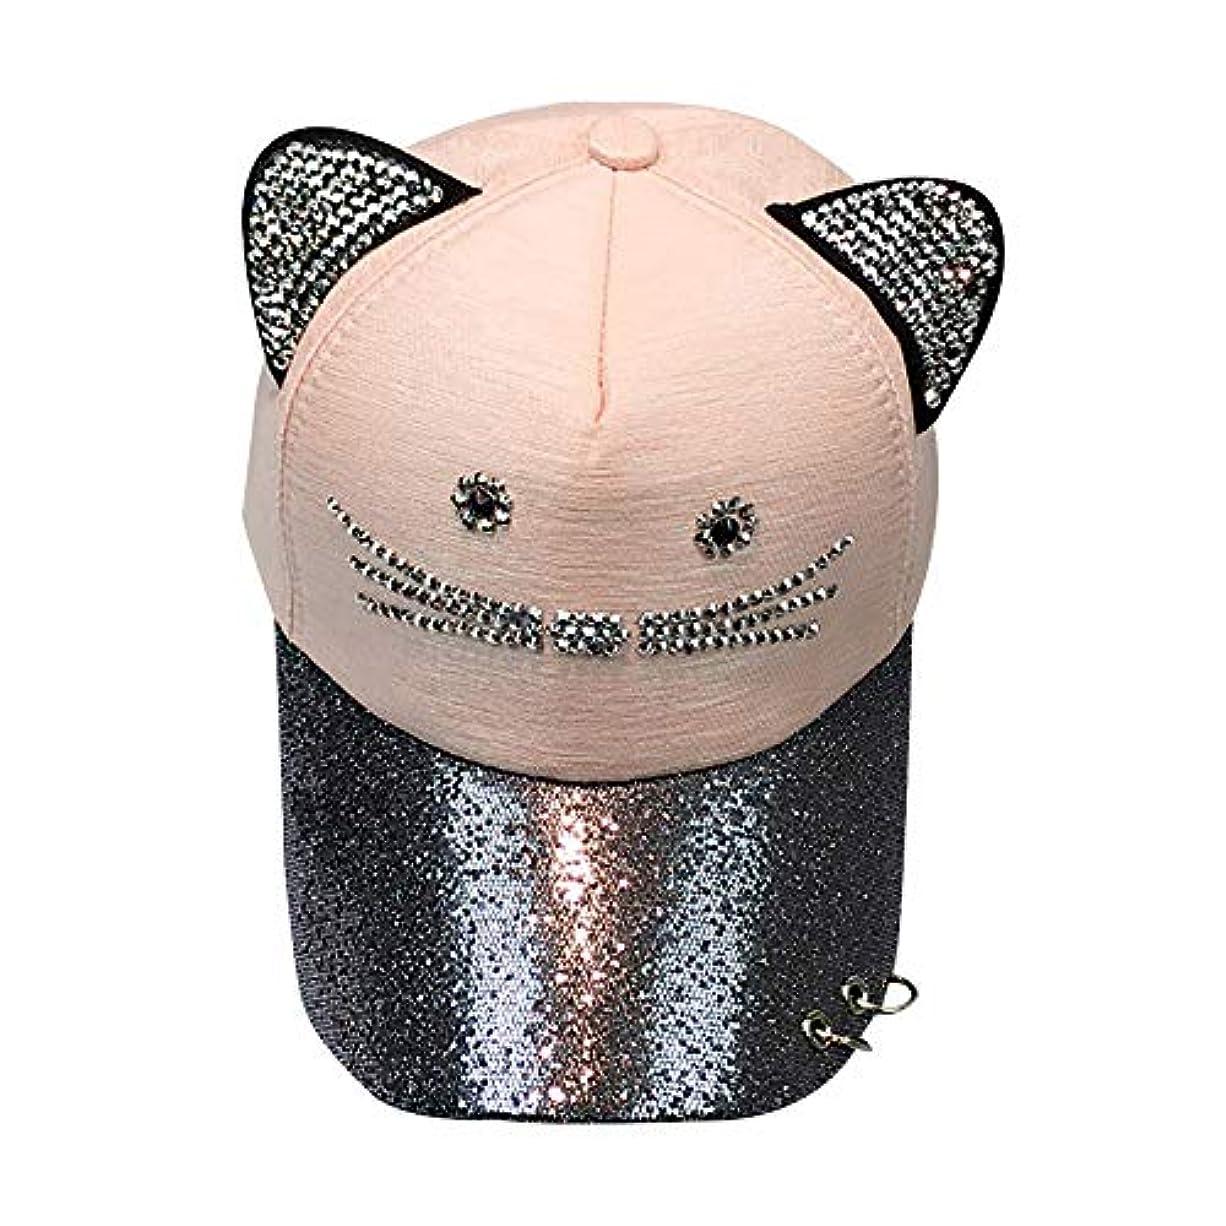 作家花に水をやるバインドRacazing Cap 野球帽 ヒップホップ メンズ 男女兼用 夏 登山 帽子スパンコール 可調整可能 プラスベルベット 棒球帽 UV 帽子 軽量 屋外 Unisex Hat